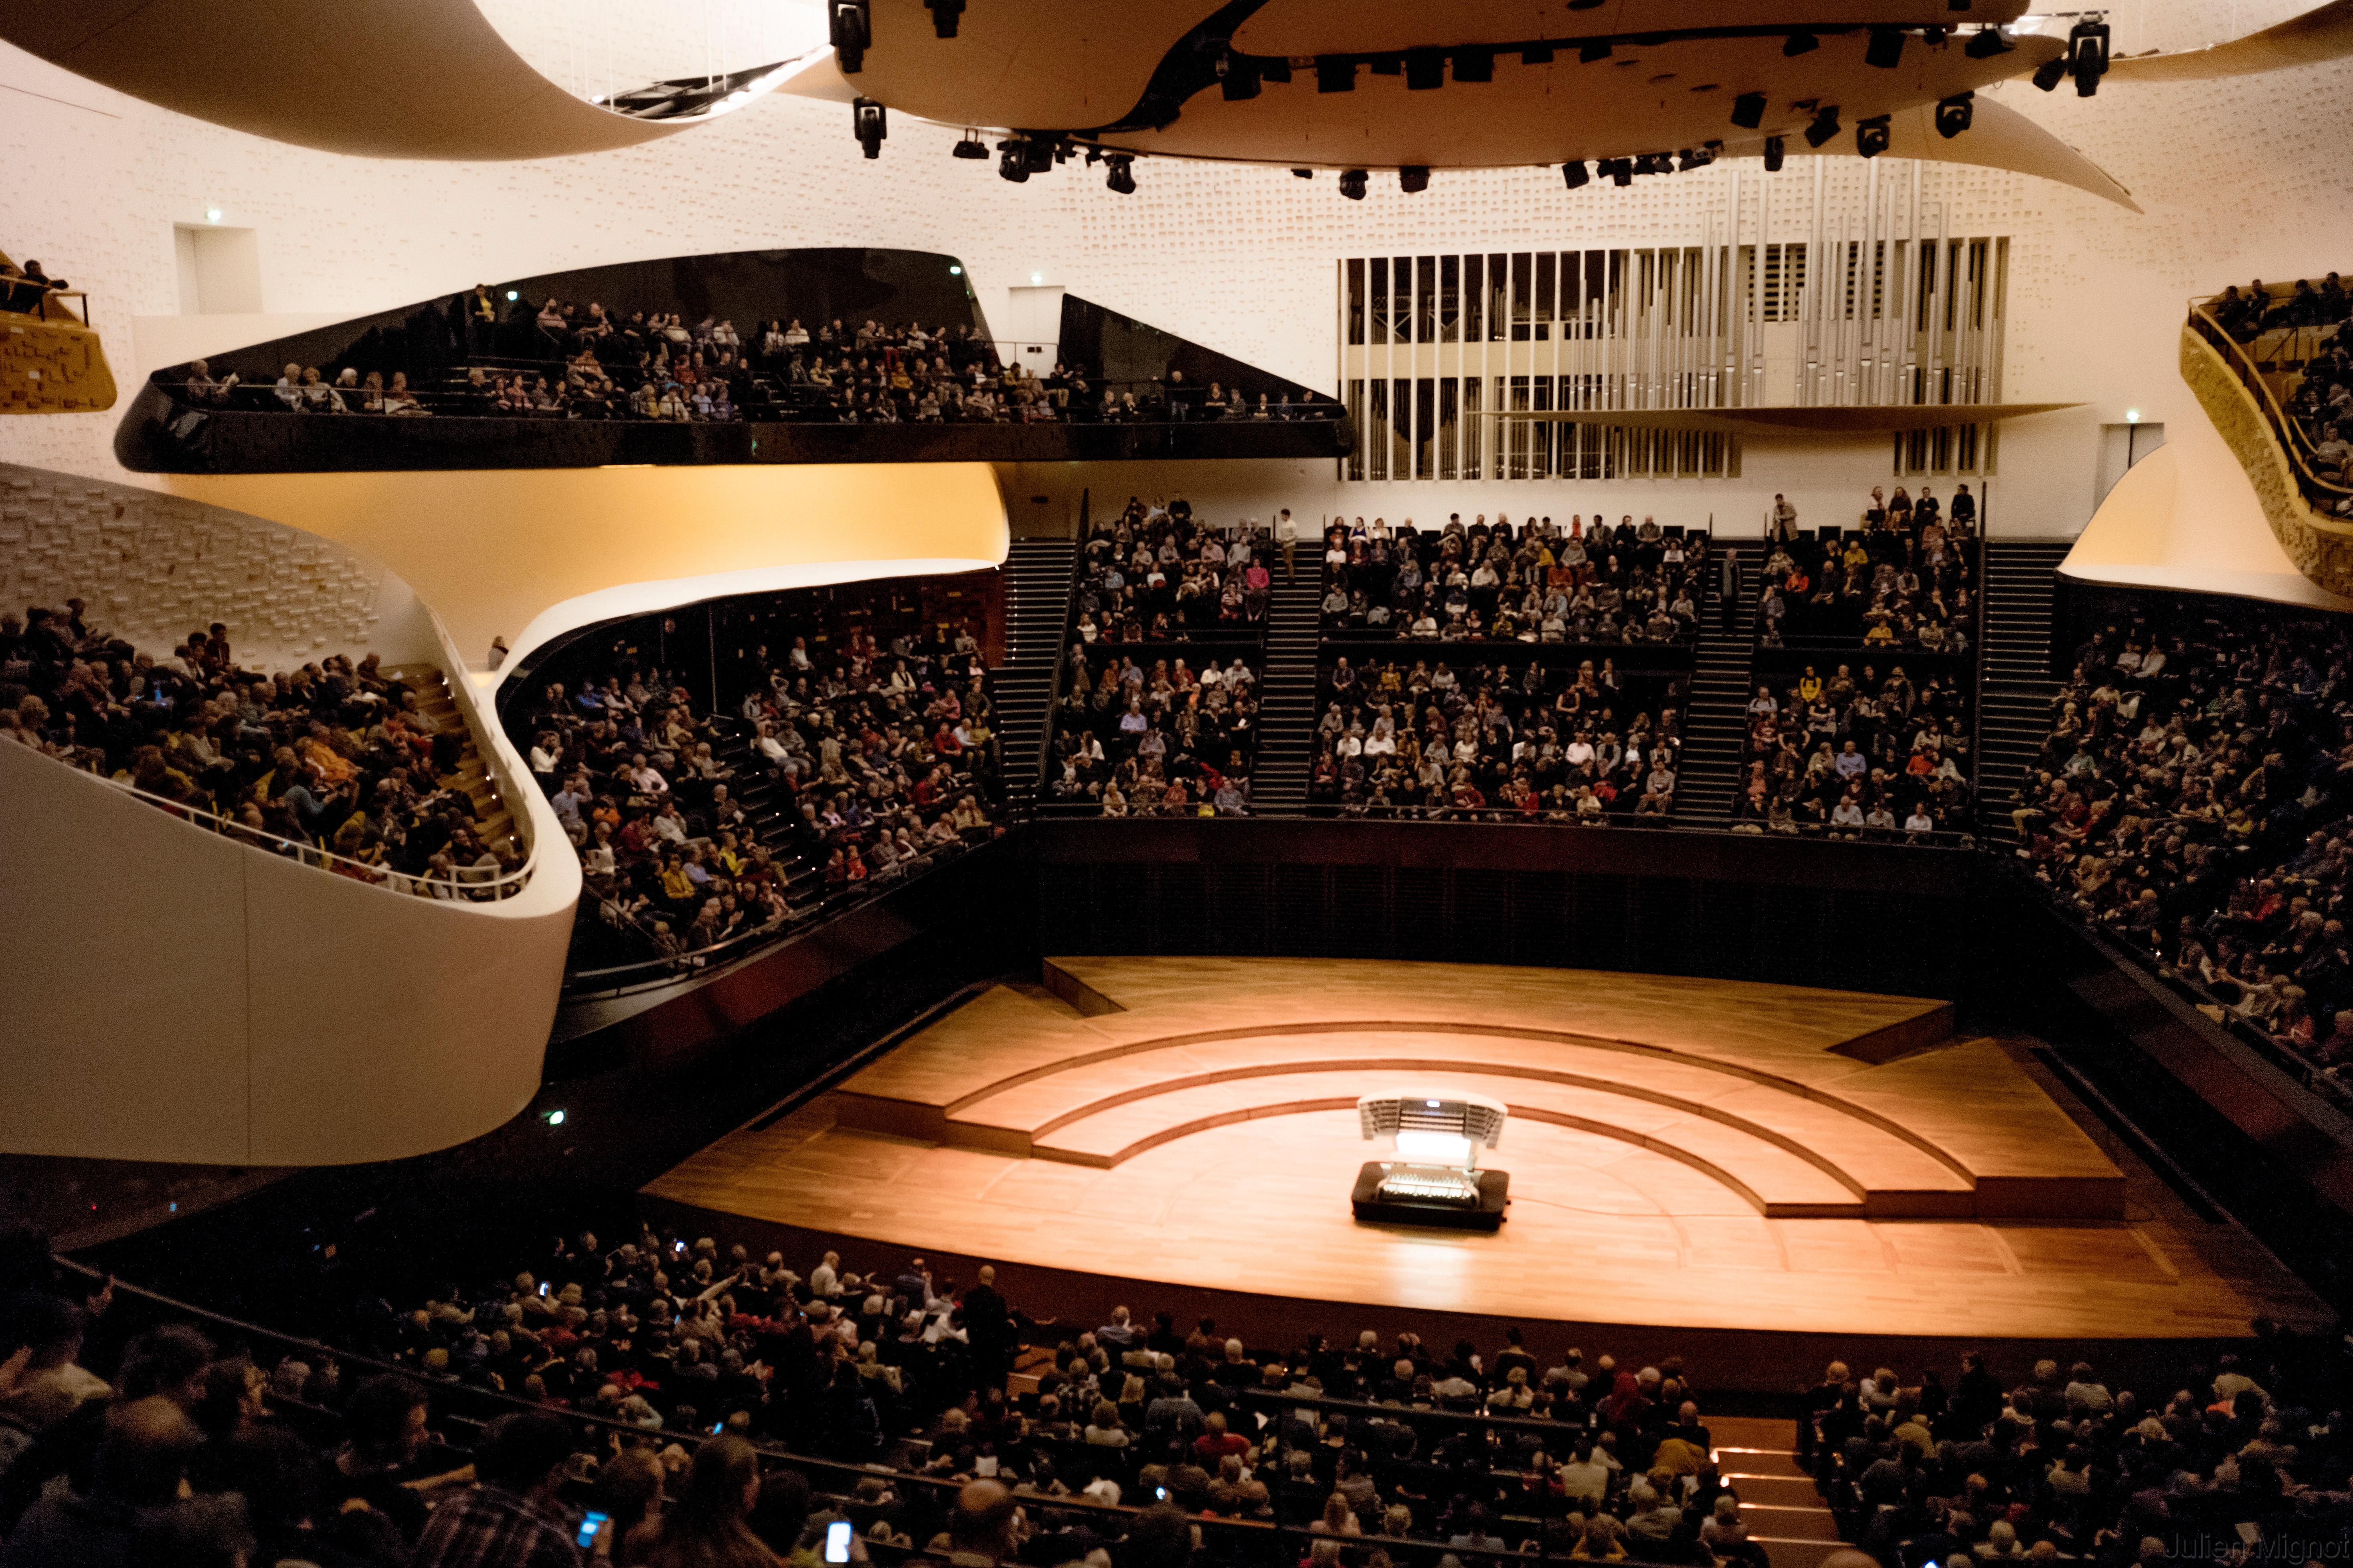 Archivé: Philharmonie de Paris